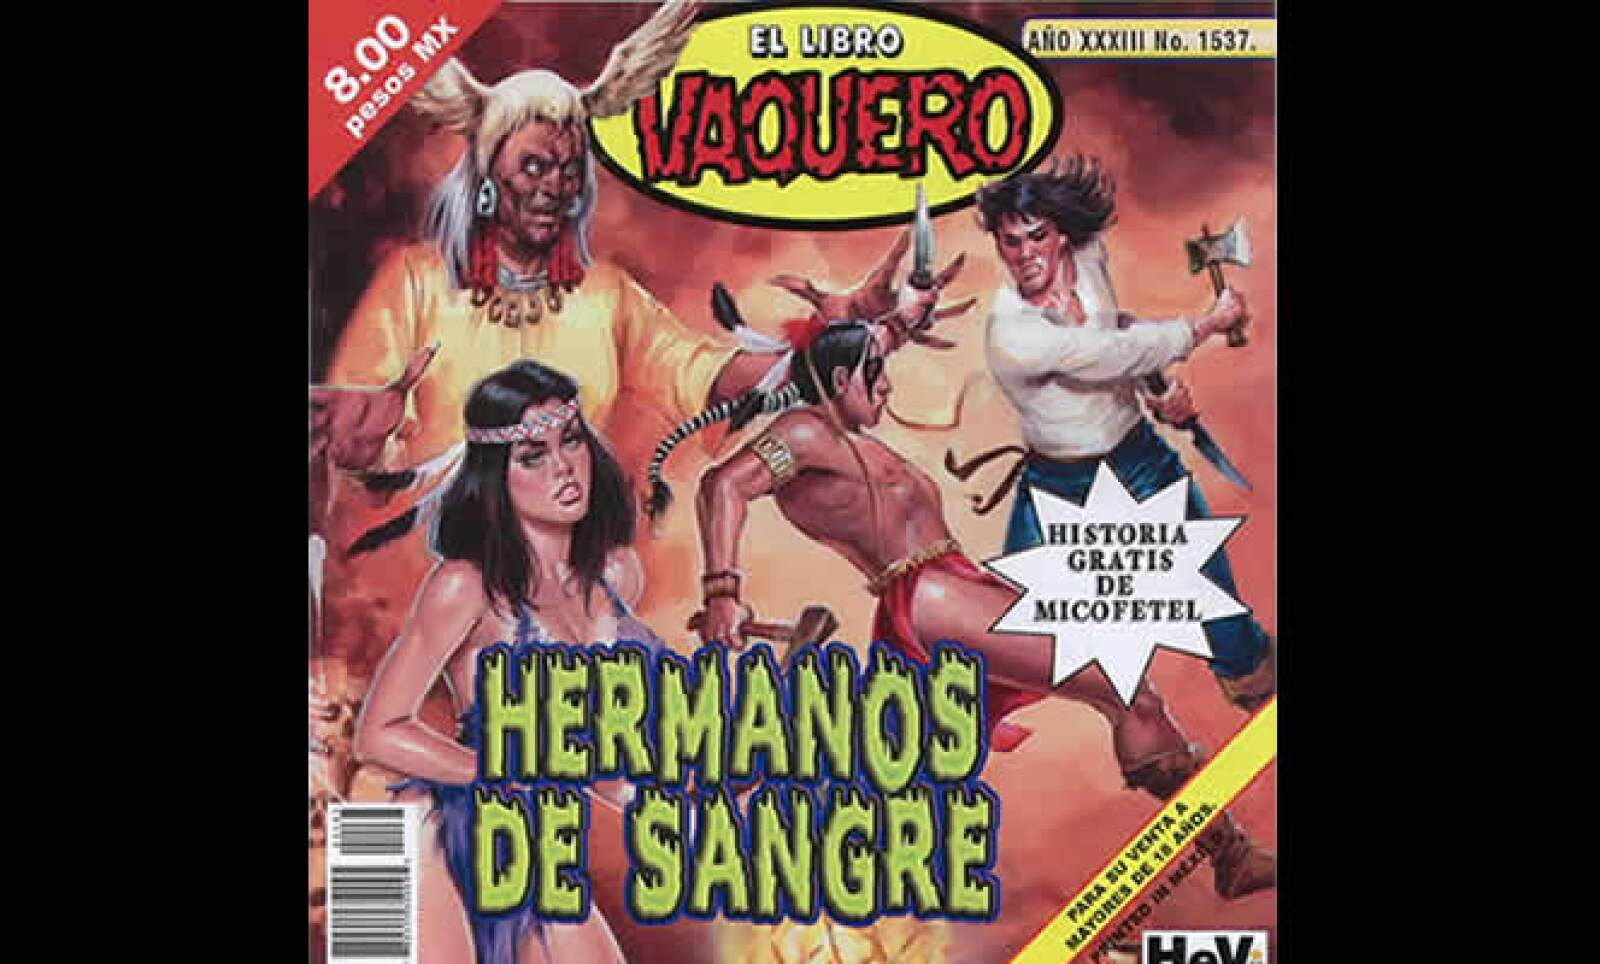 La Cofetel se estrenó en la famosa publicación erótica el Libro Vaquero con una historia en su más reciente edición.